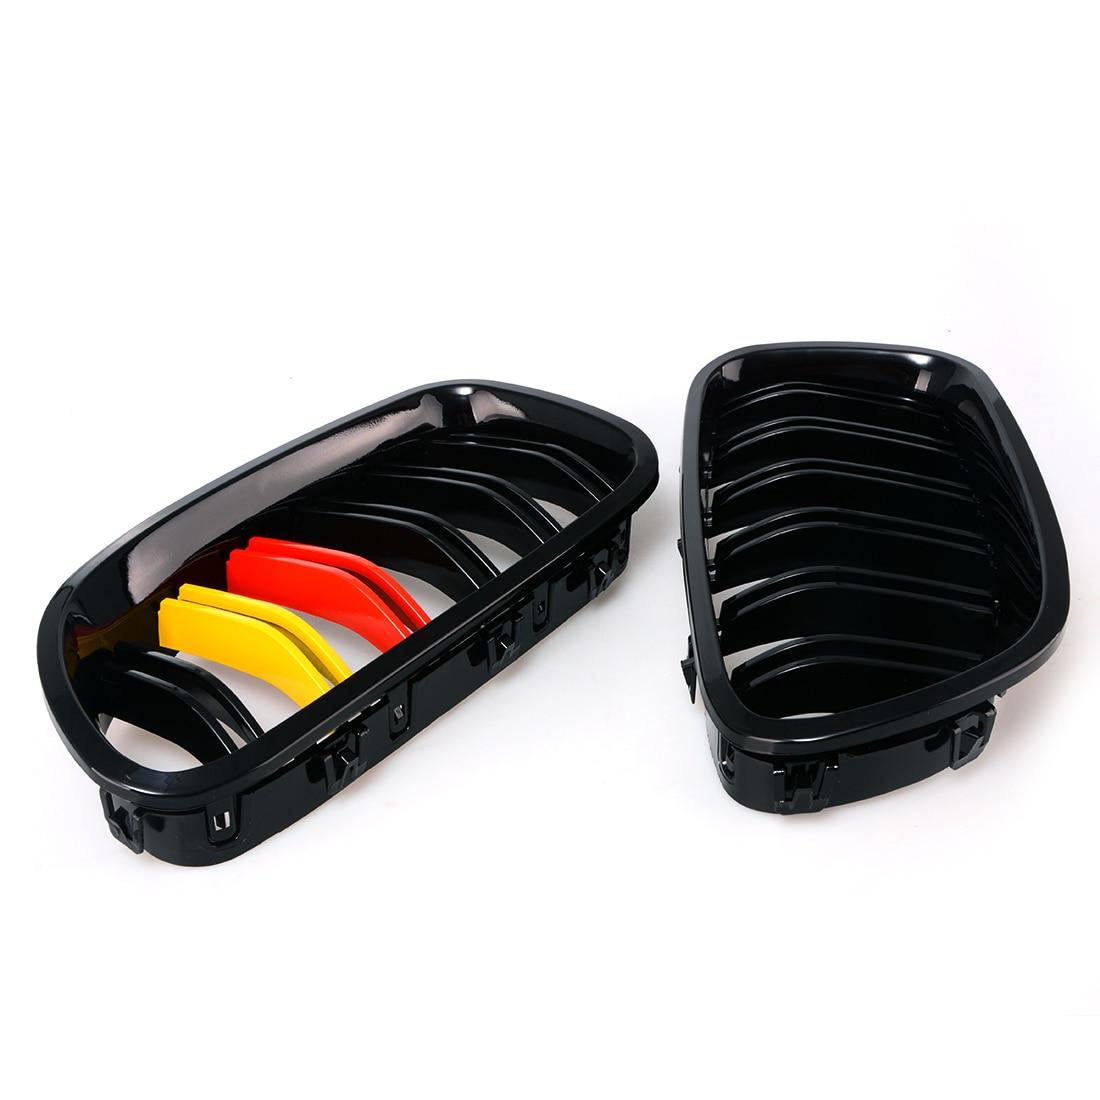 Grille de calandre noire brillante 3 couleurs en Fiber de carbone 2 lignes M5 pour BMW 2011-2015 F10 520i 535i 550i